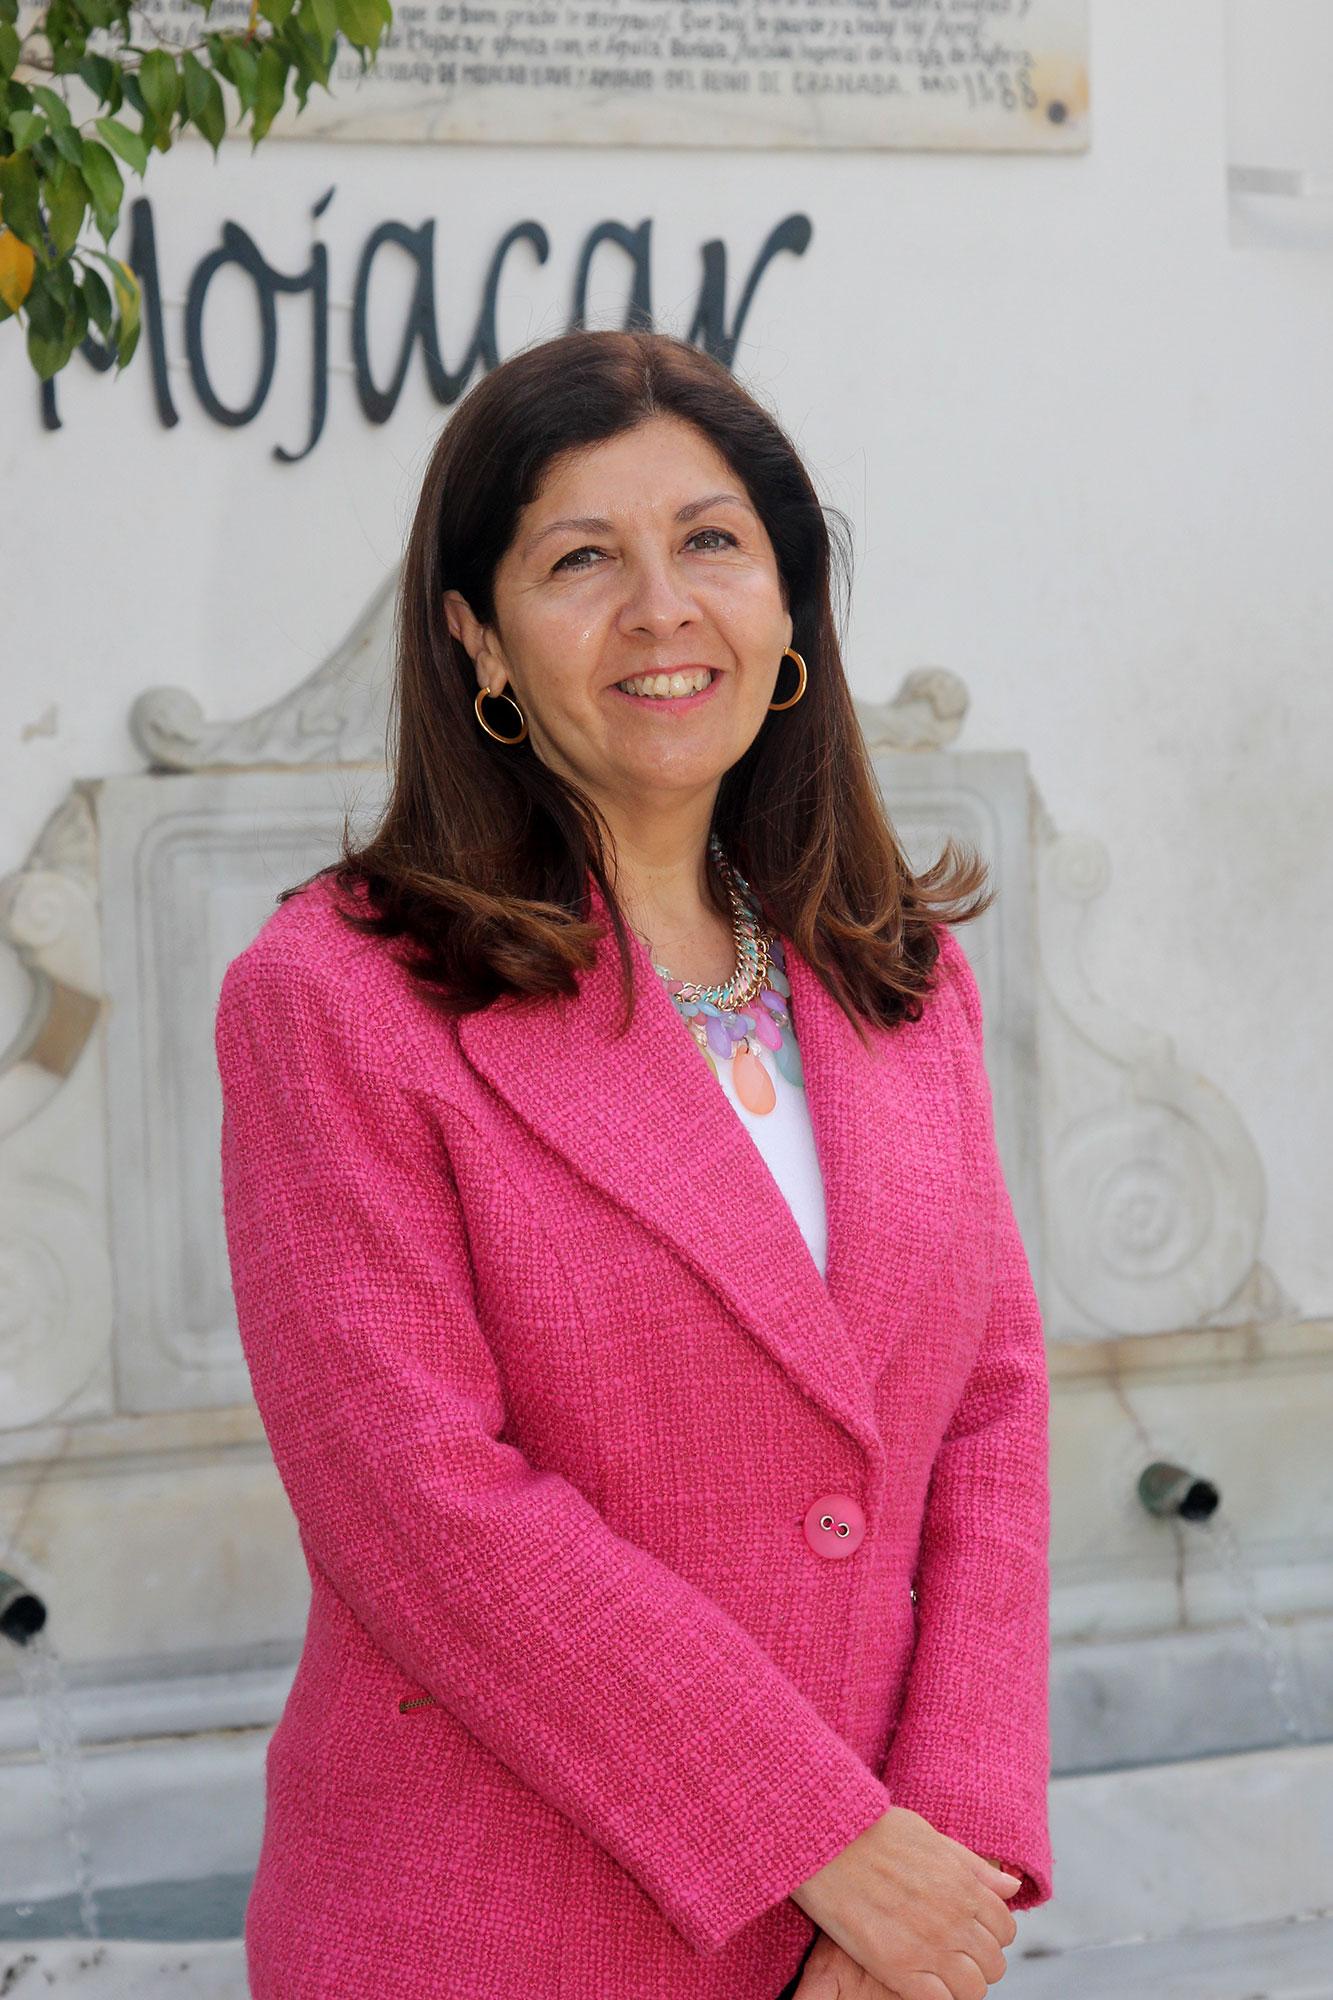 Rosa María Cano - Ayuntamiento de Mojácar